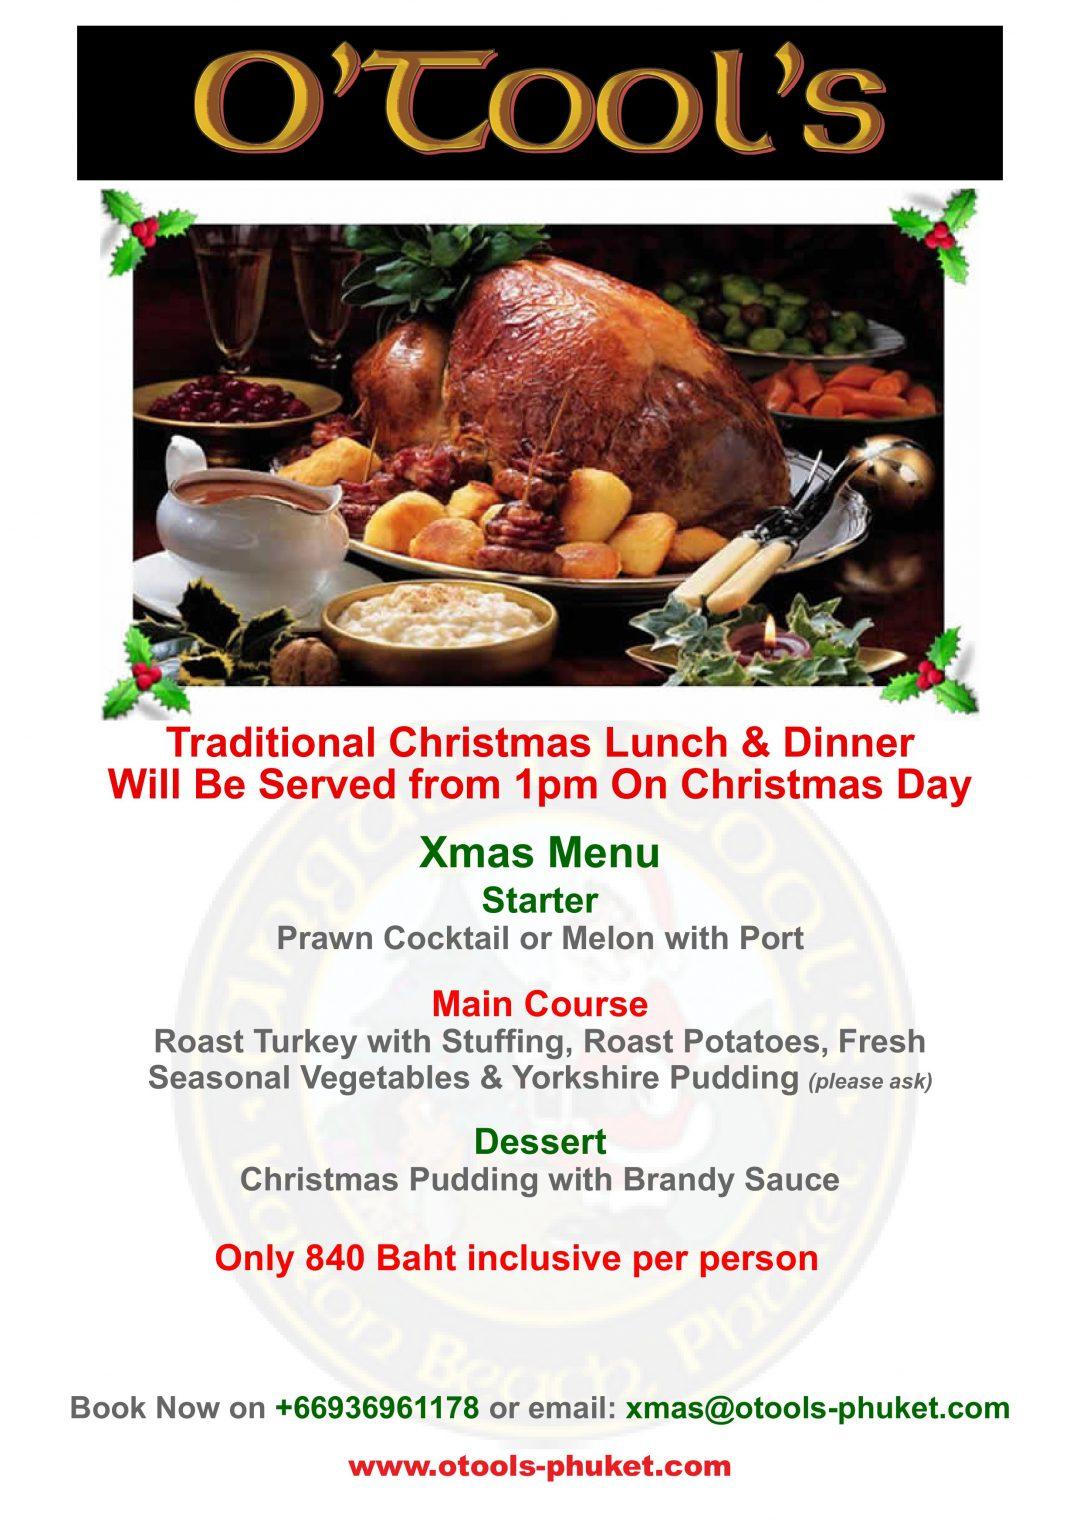 Christmas Lunch Dinner, Christmas Lunch Dinner 2019, Angus O'Tool's, Angus O'Tool's